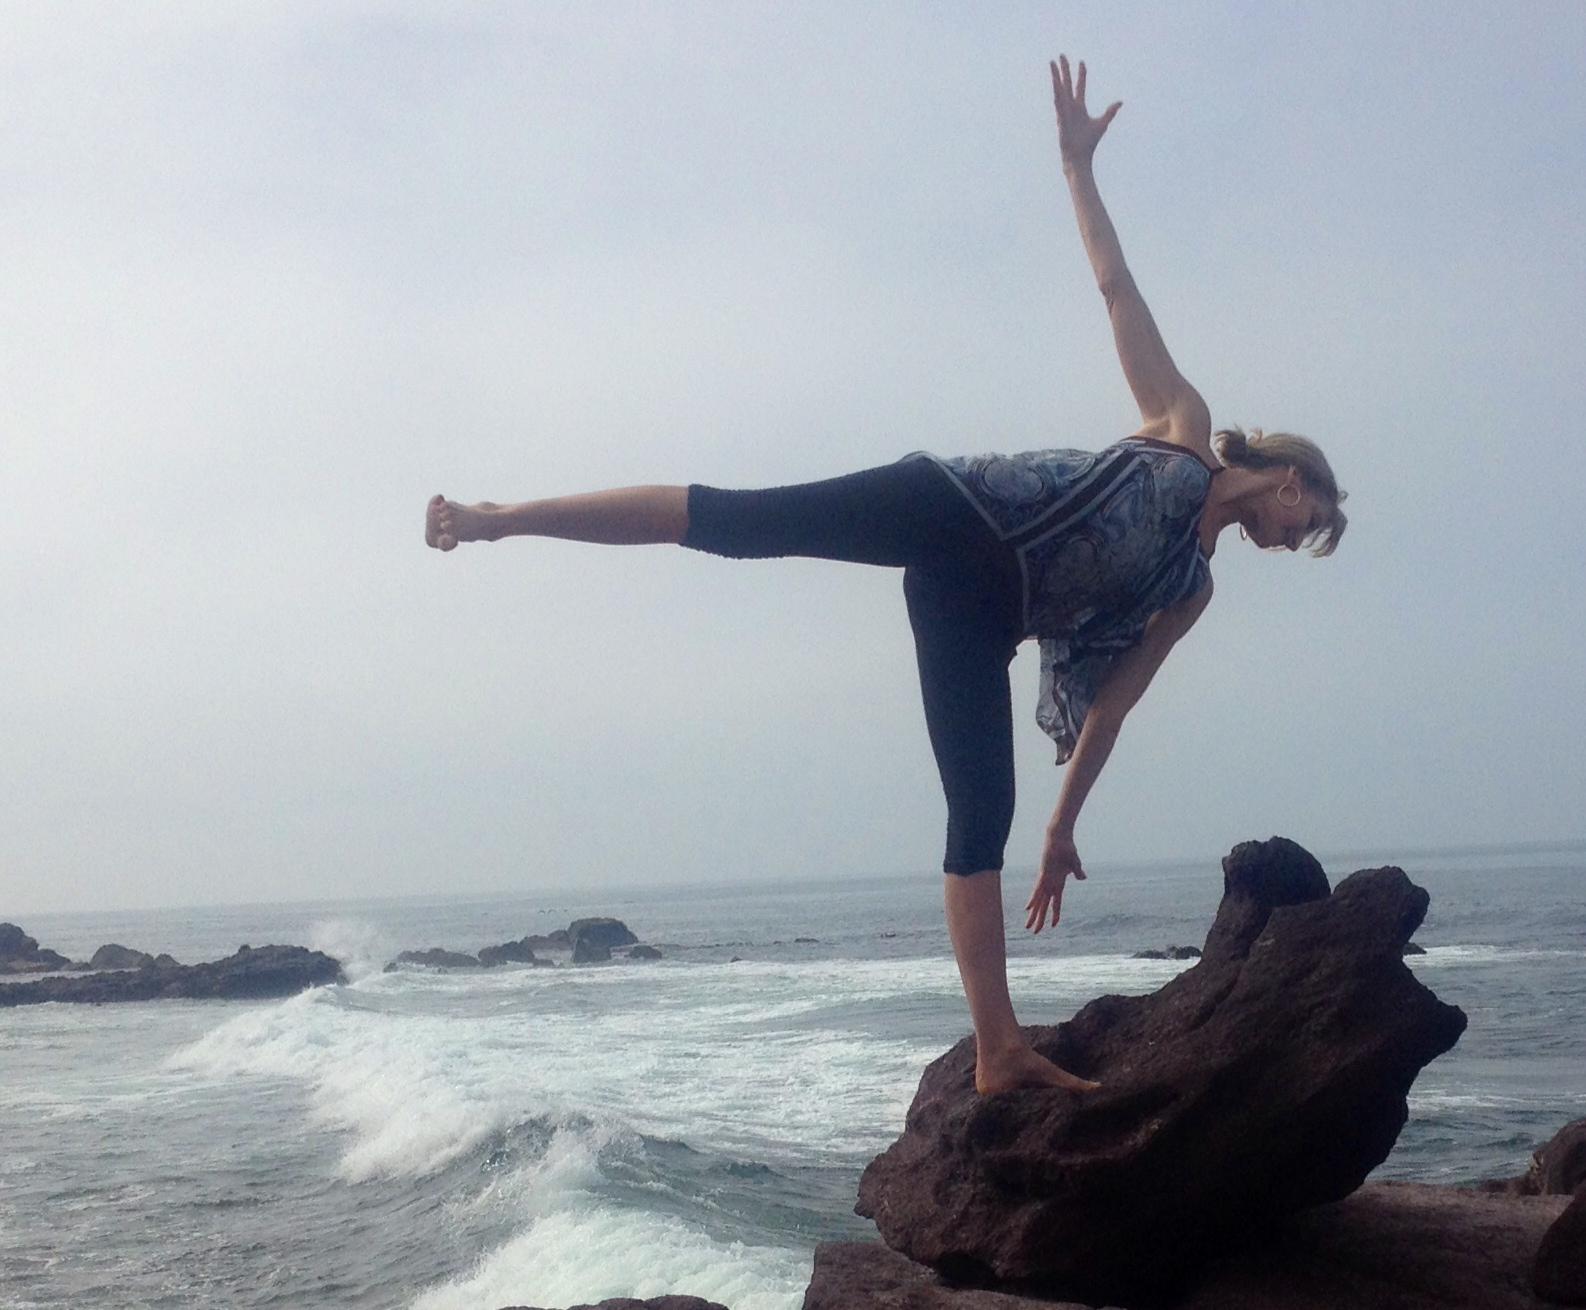 Ashtanga yoga yoga nidrasana front curl knotfront bending part 2 - 4 5